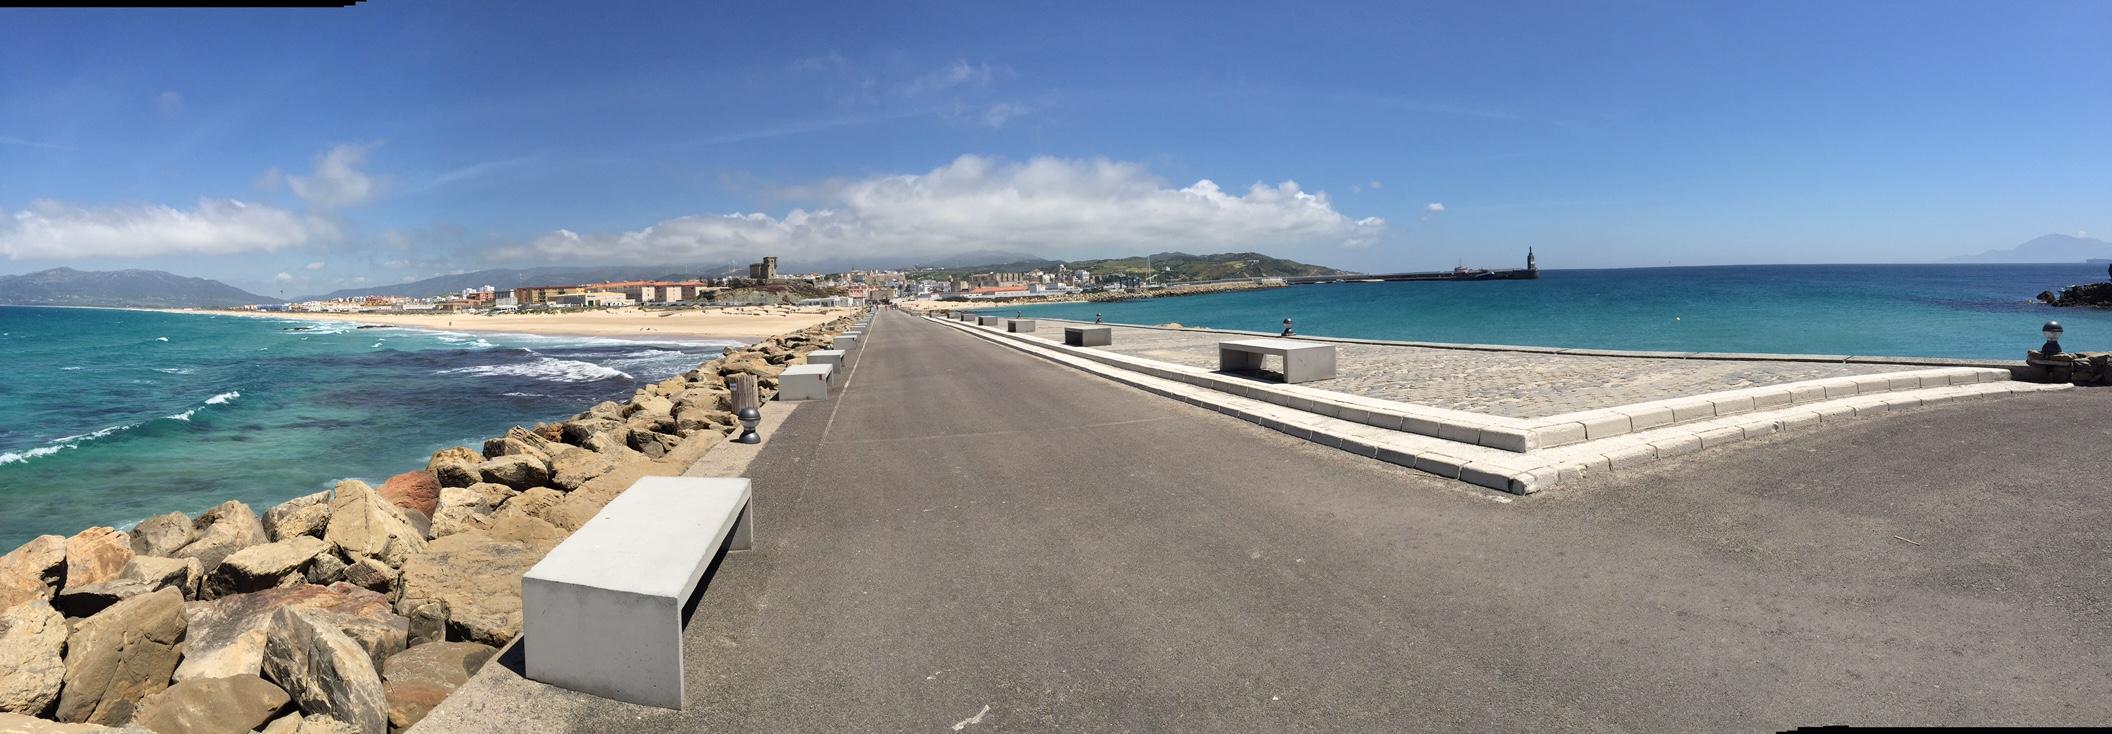 Tarifa vue de las Palomas : Atlantique à gauche